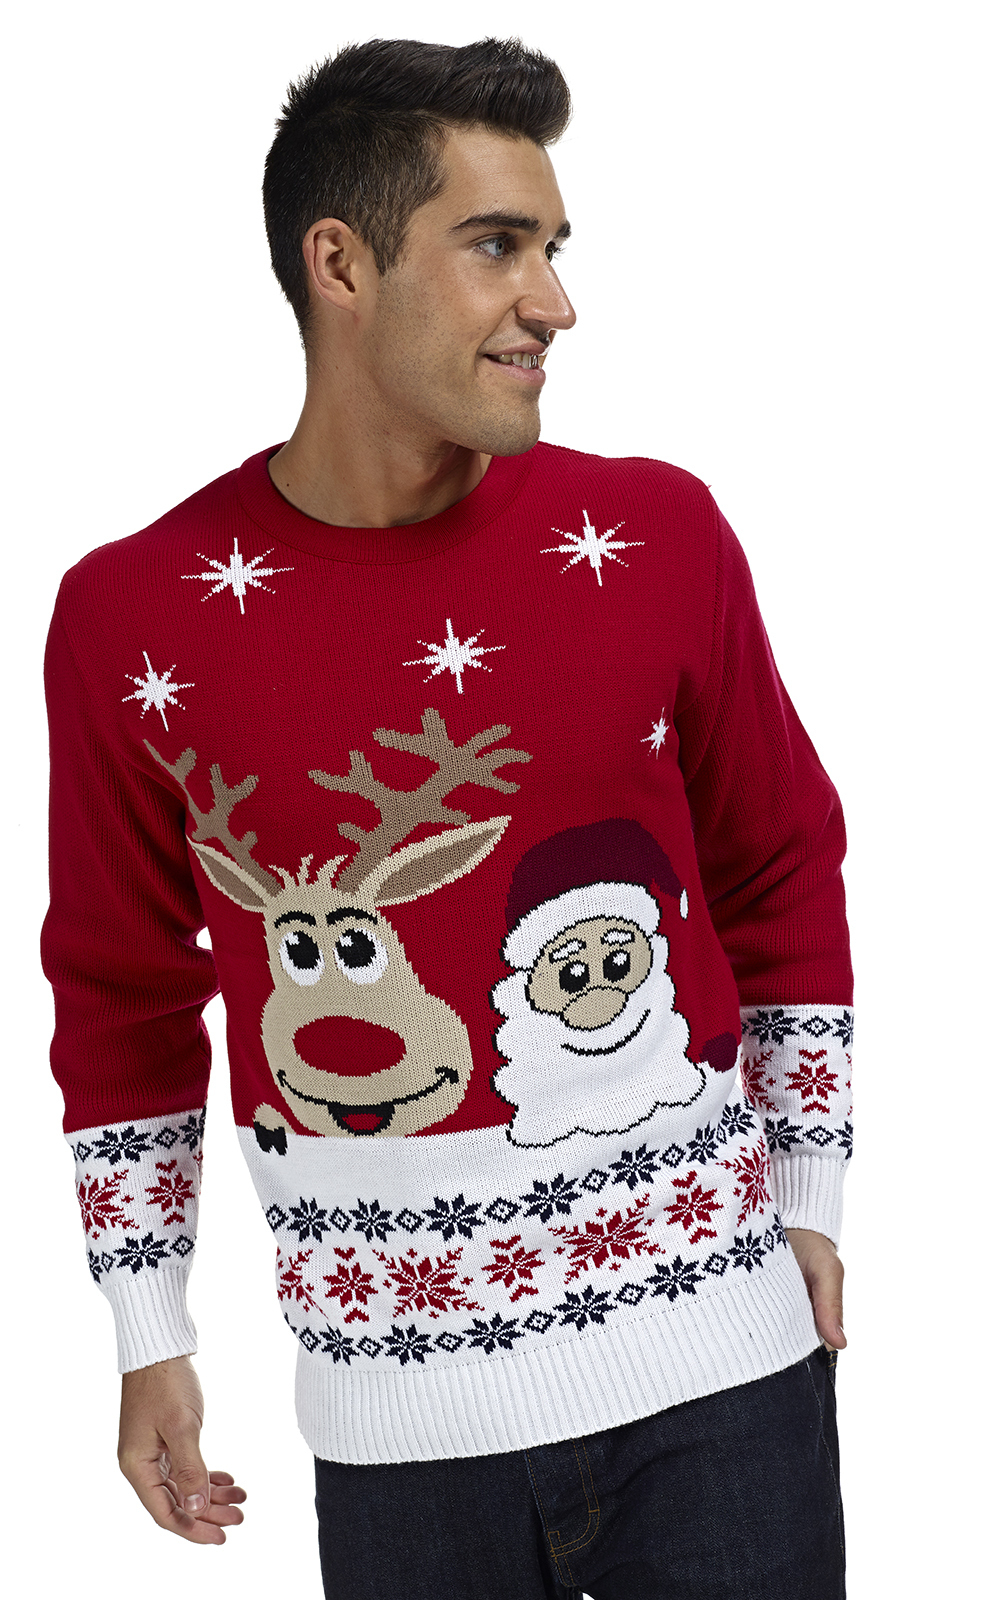 Kersttrui Man Xxl.Kersttrui Met Rudolph Het Rendier En De Kerstman Kersttrui Com